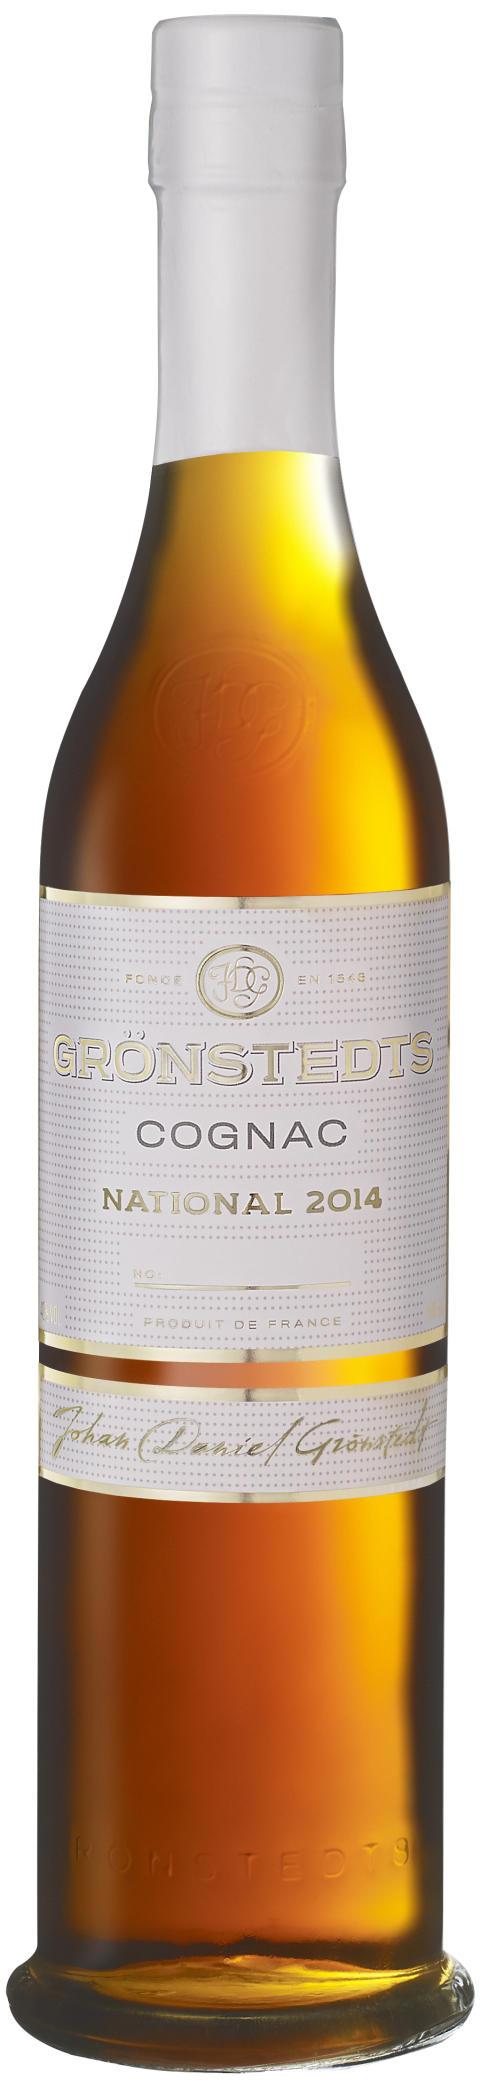 Grönstedts National 2014, pack shot